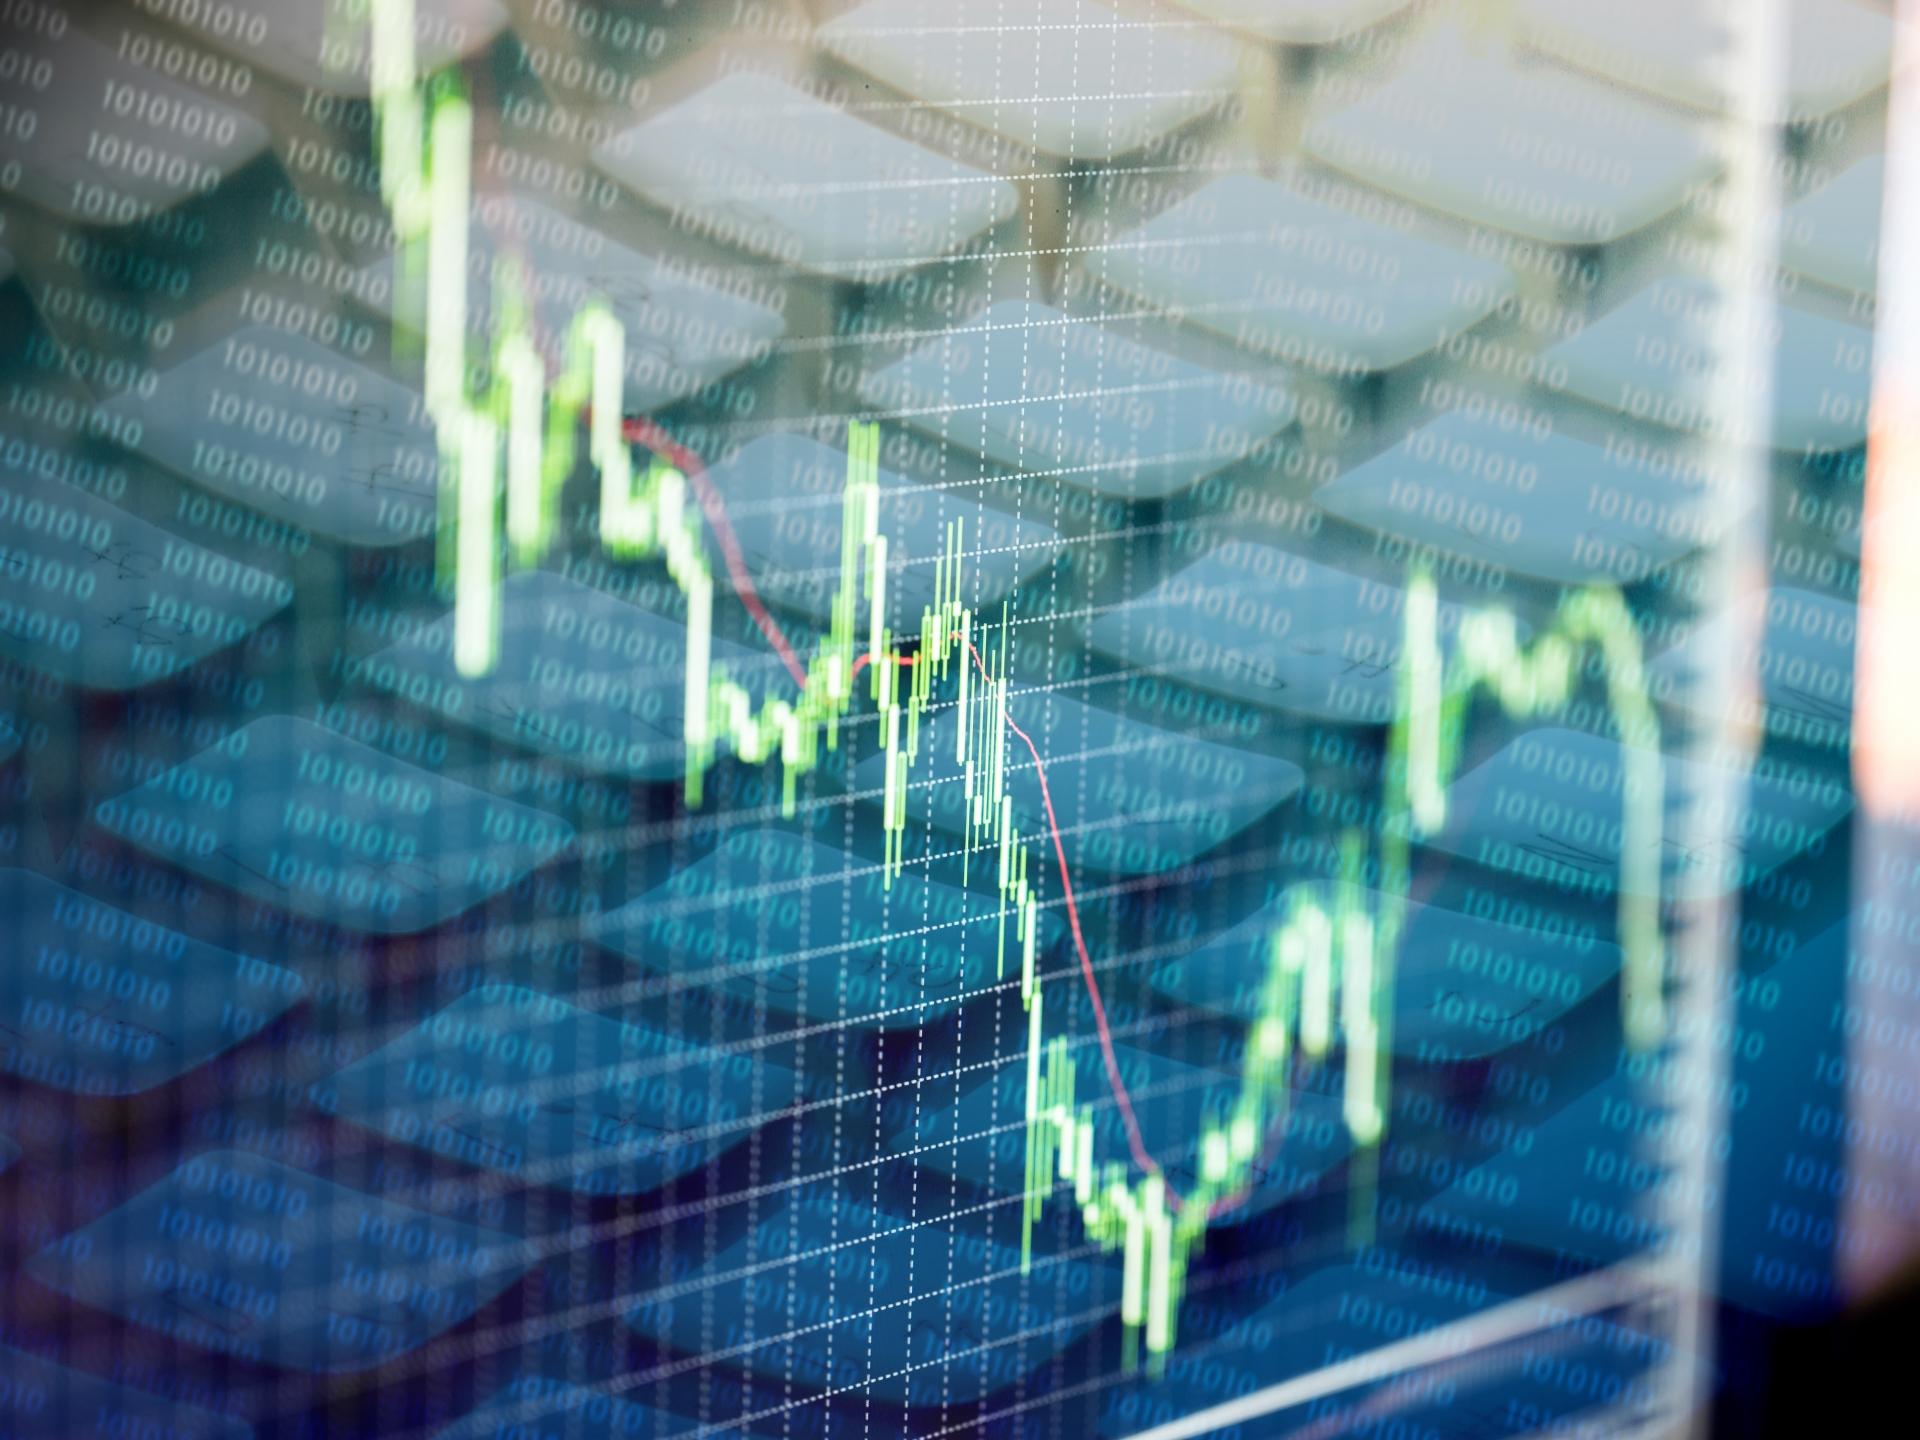 FXの自動売買のメリット・デメリットとは?利益を得るための利用方法